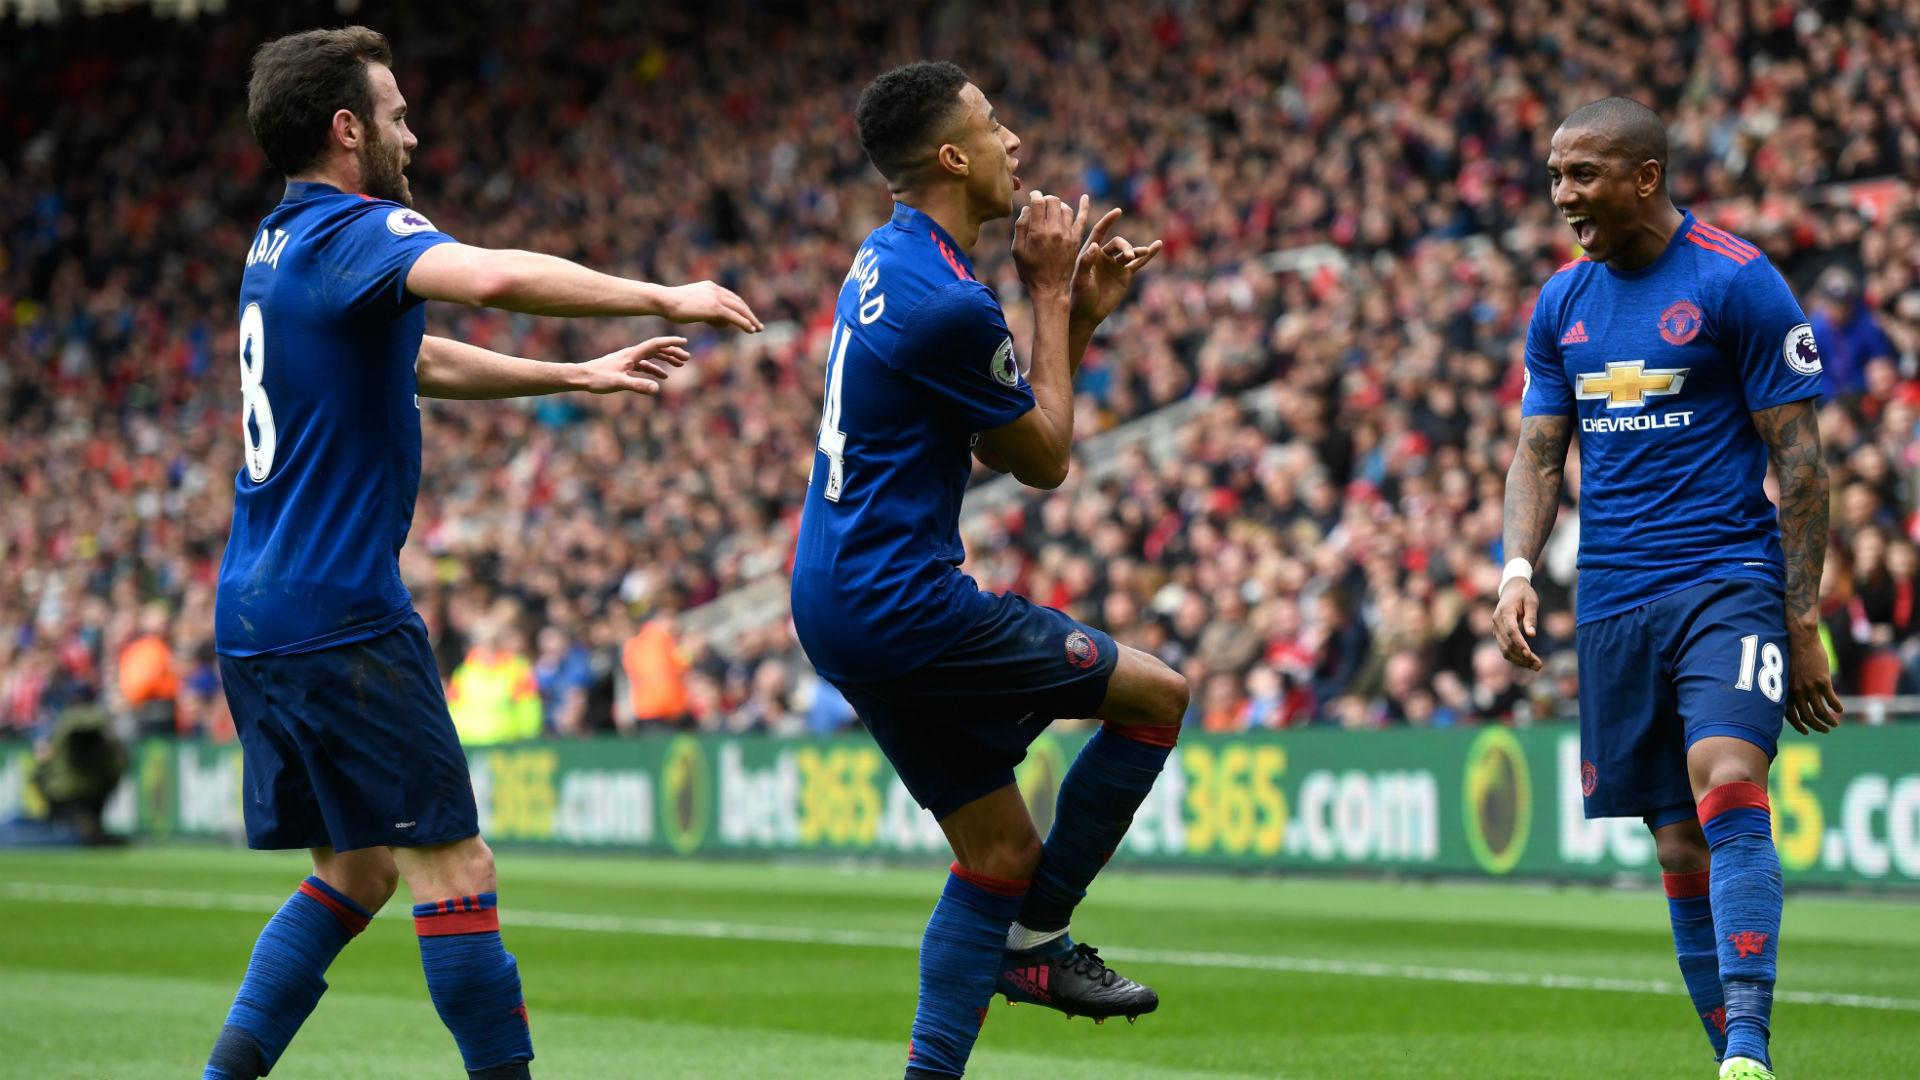 Valdes slip secures United win